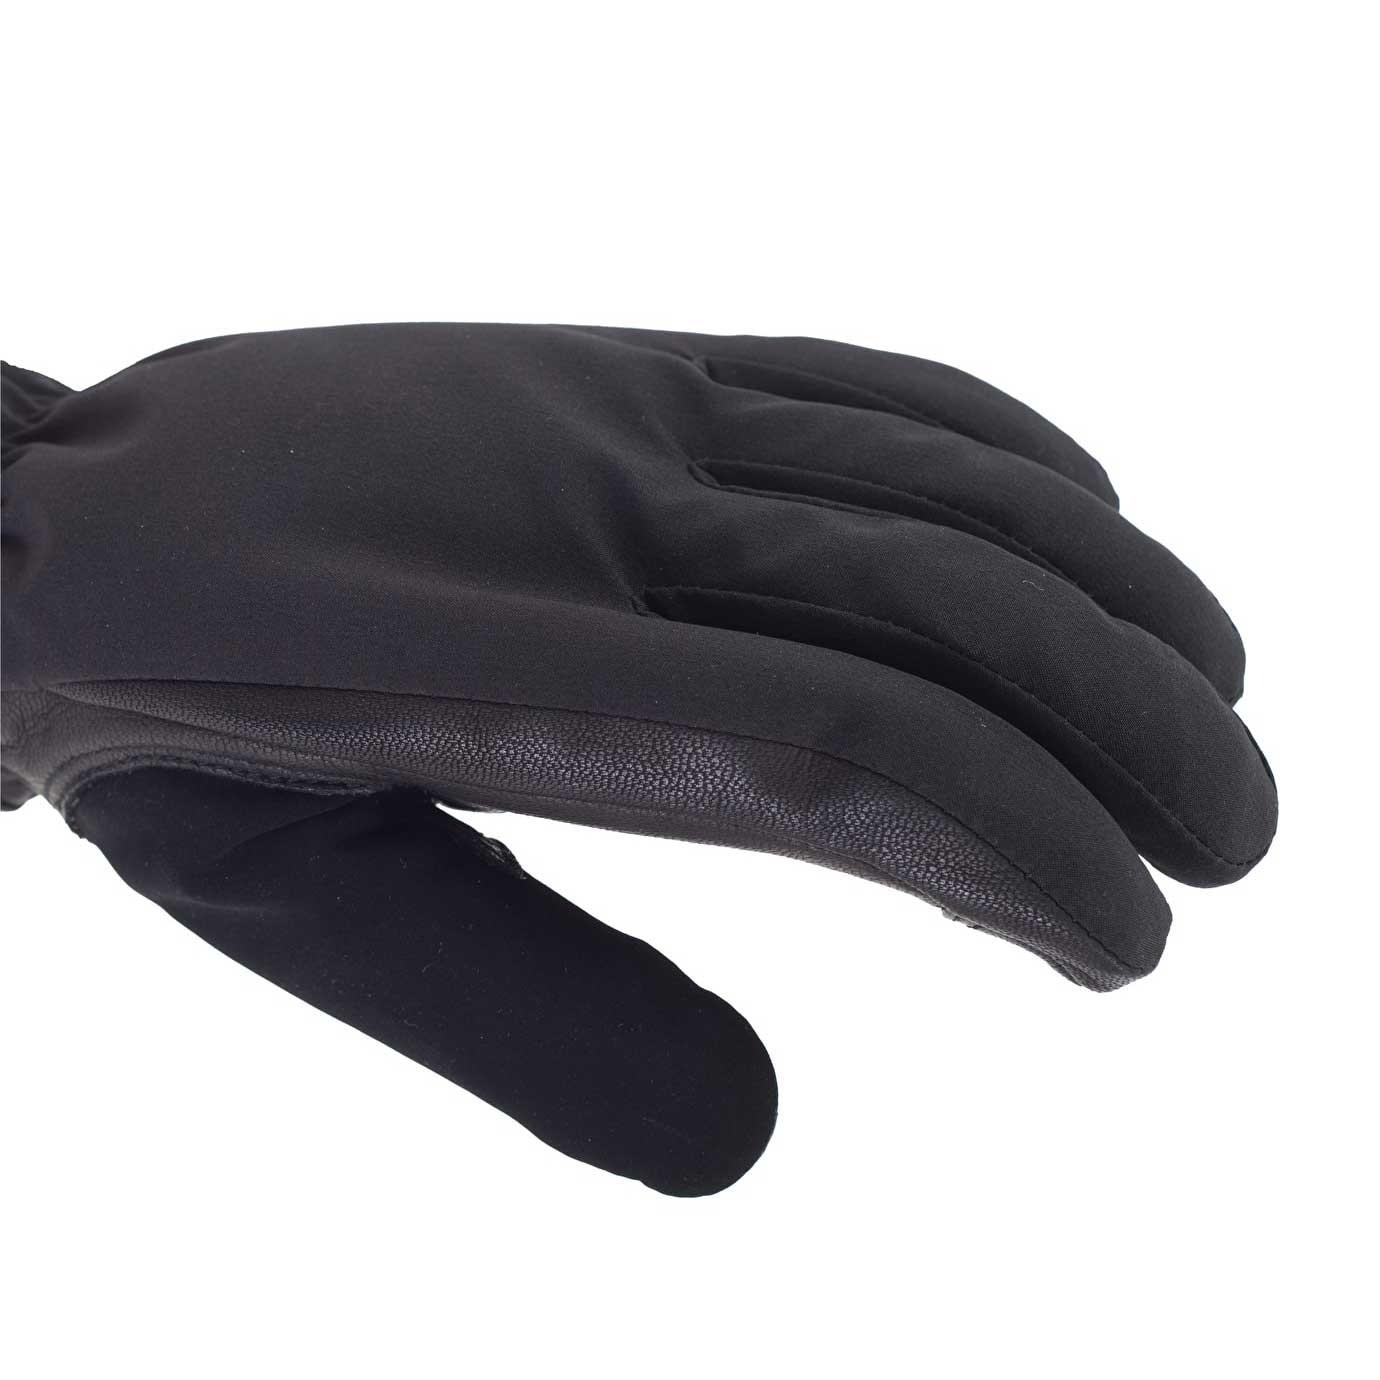 Sealskinz All Season Waterproof Men's Gloves - Black/Charcoal - back